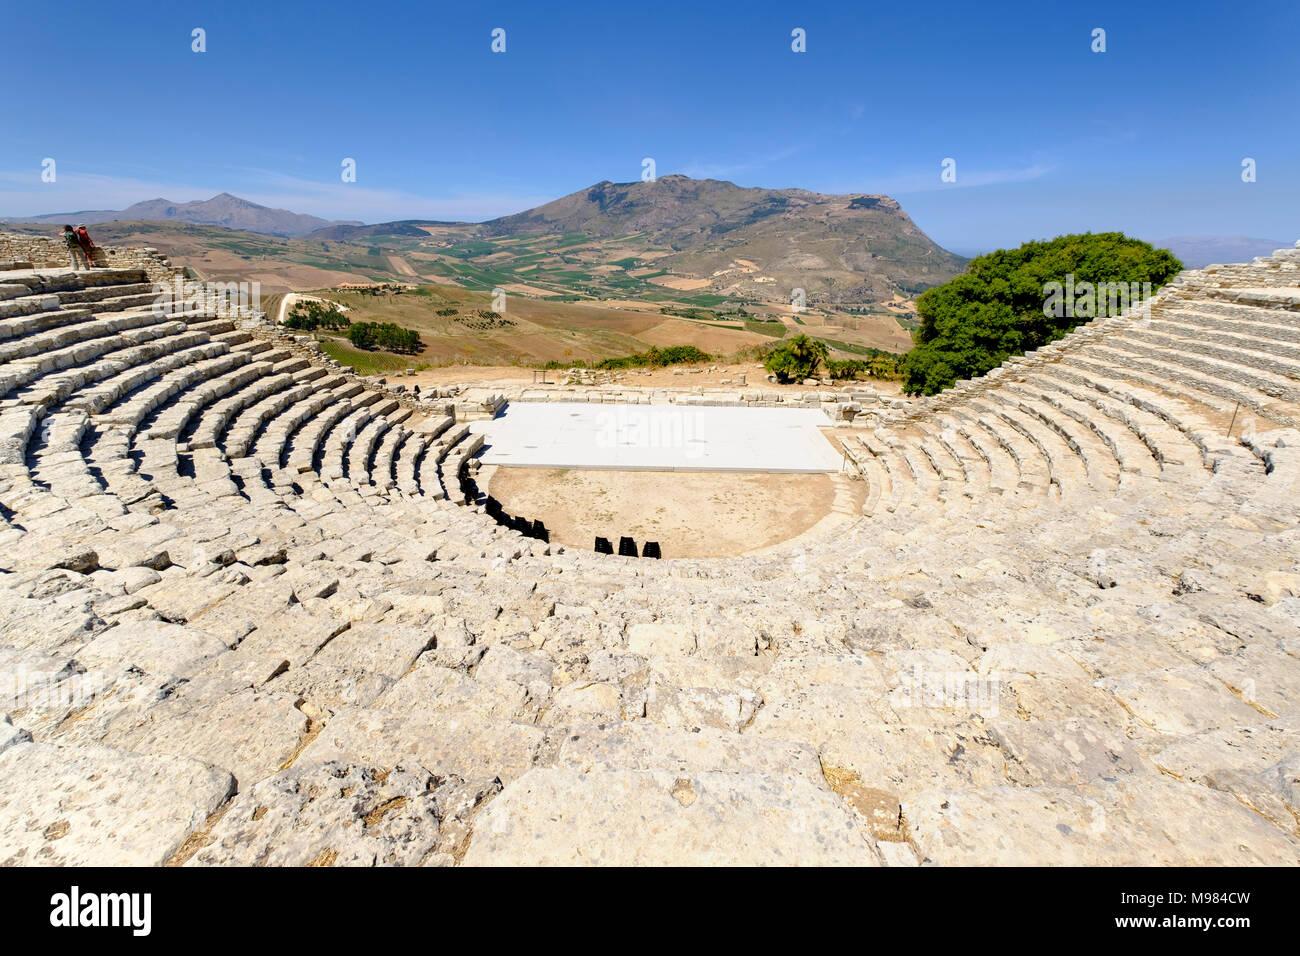 Theater von Segesta, griechische Tempelanlage Segesta, Provinz Trapani, Sizilien, Italien - Stock Image